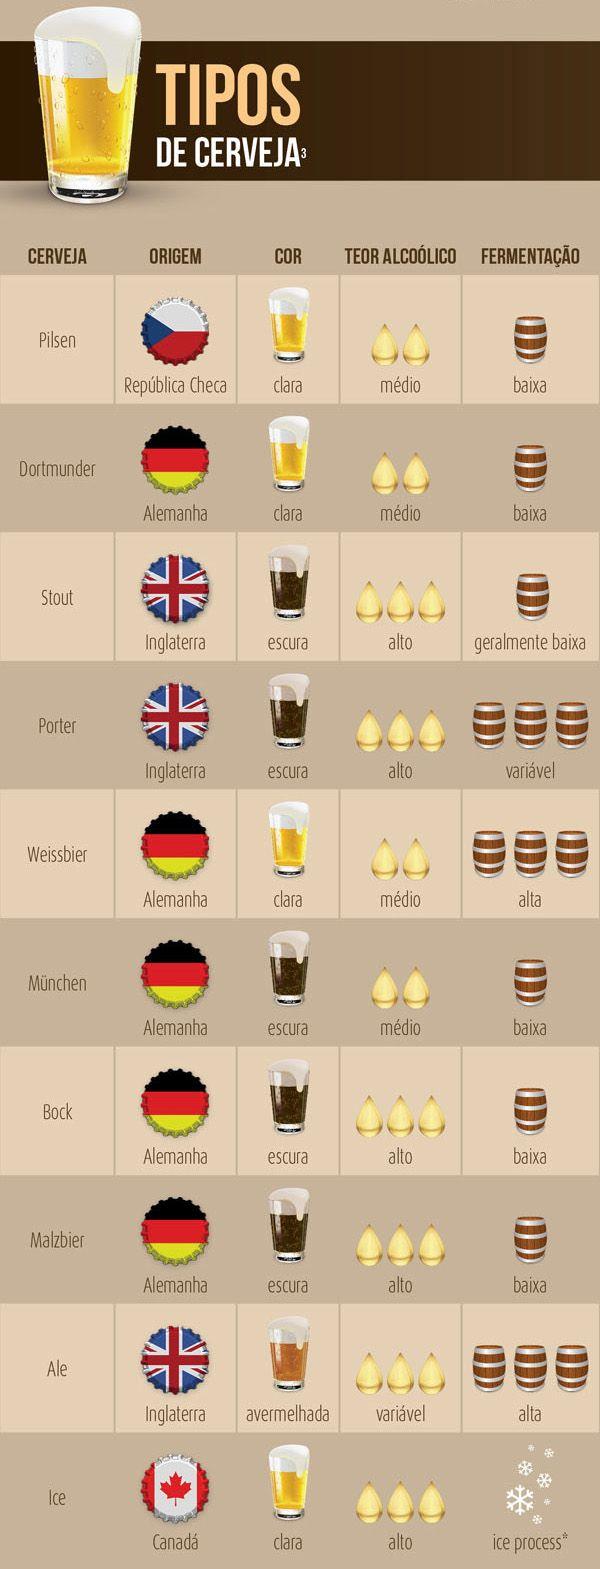 Conheça os tipos de cerveja pelo mundo!